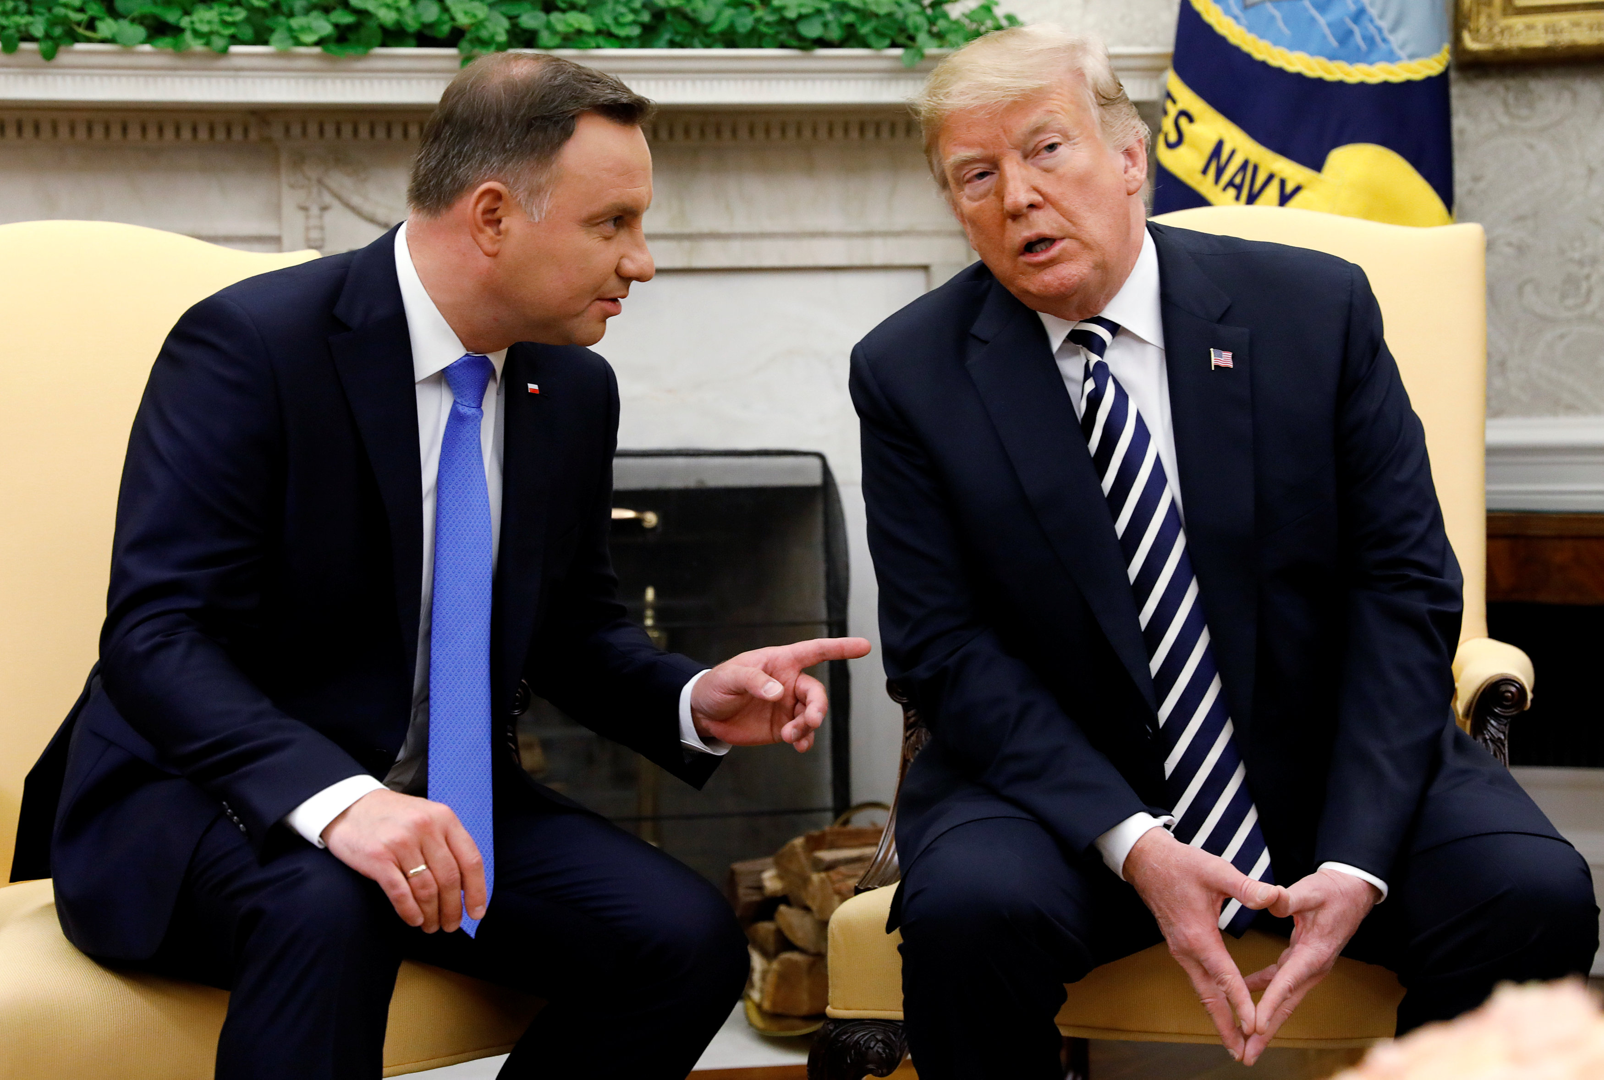 Presedintele-polonez-Duda-vrea-sa-isi-consolideze-relatiile-cu-Donald-Trump